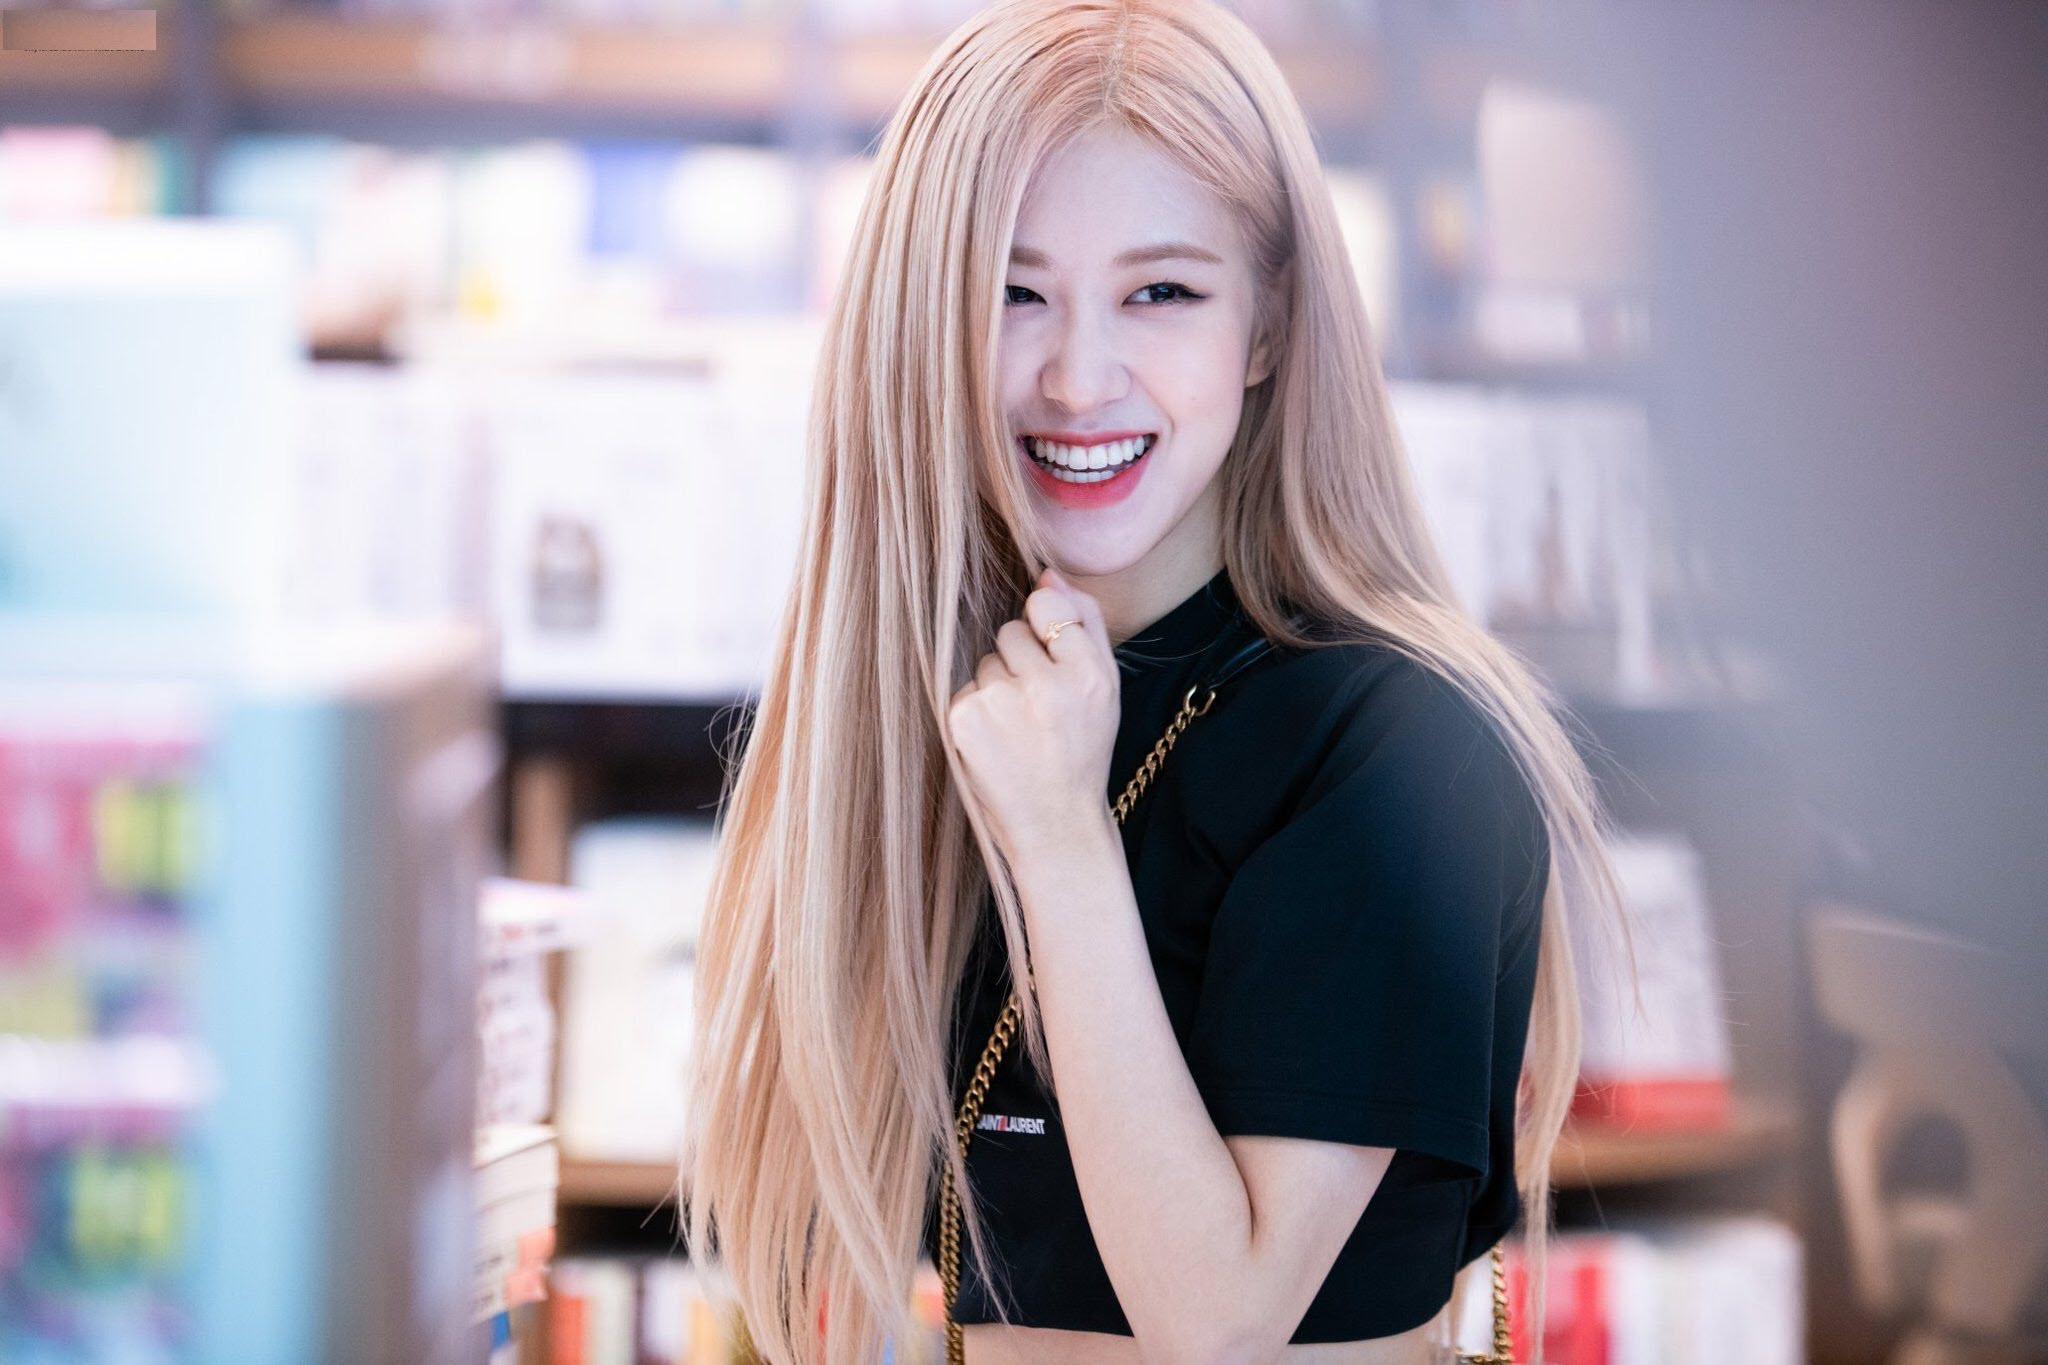 Rose BLACKPINK xinh đẹp trong nụ cười rạng rỡ